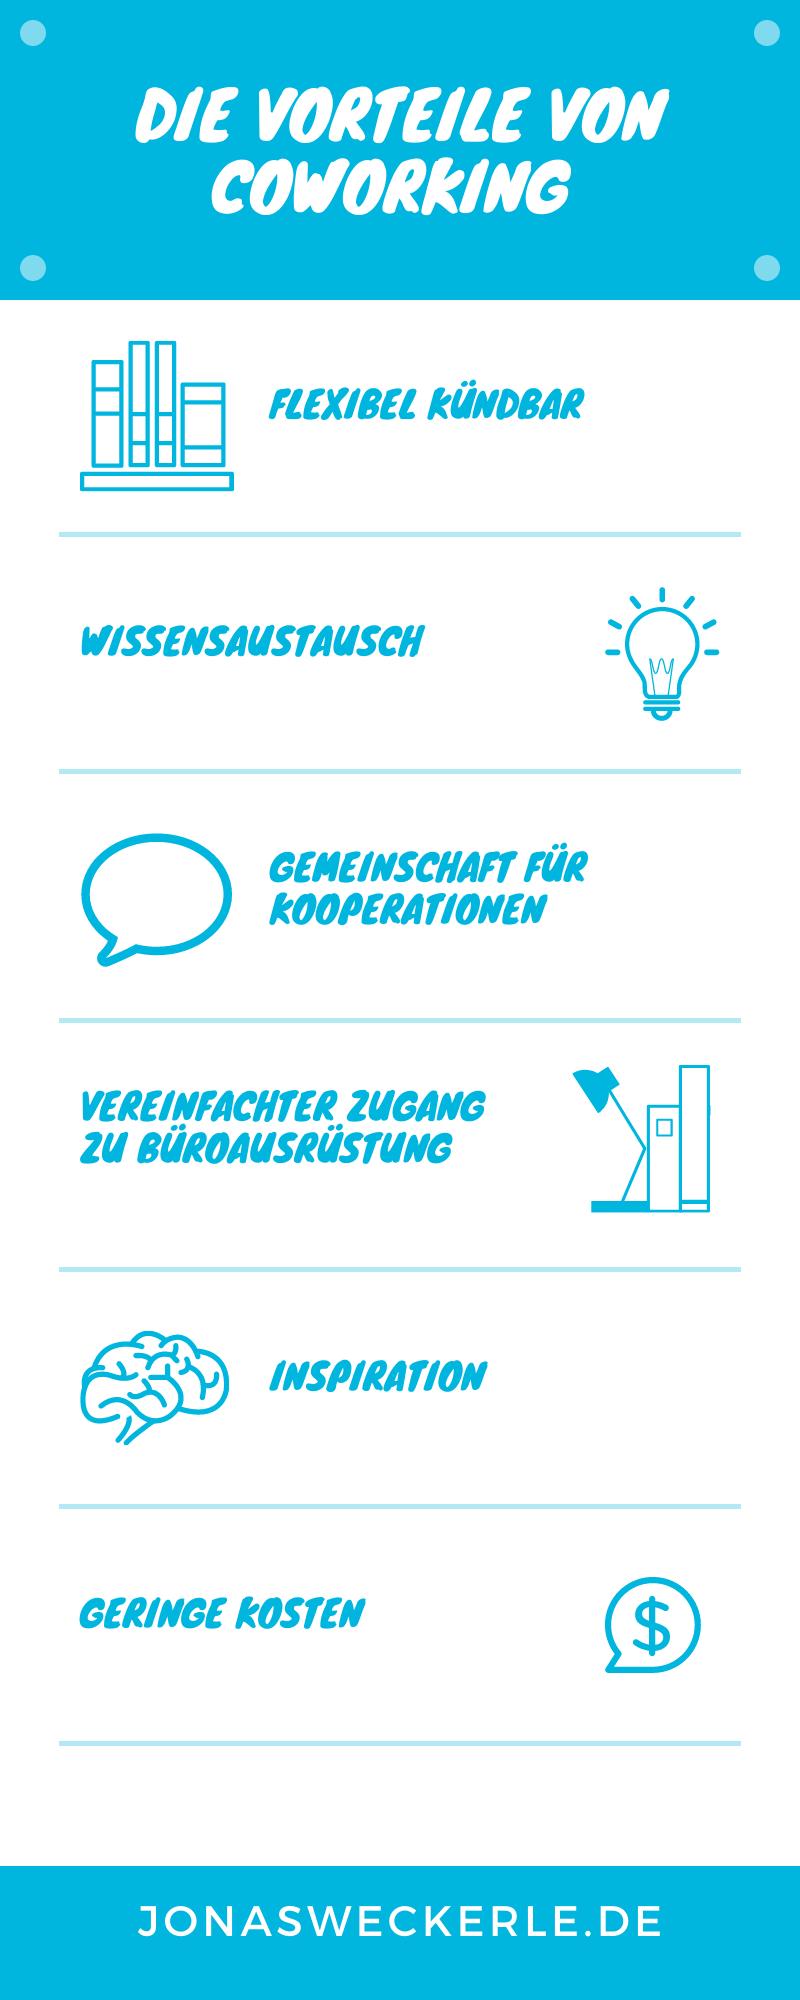 coworking vorteile infografik